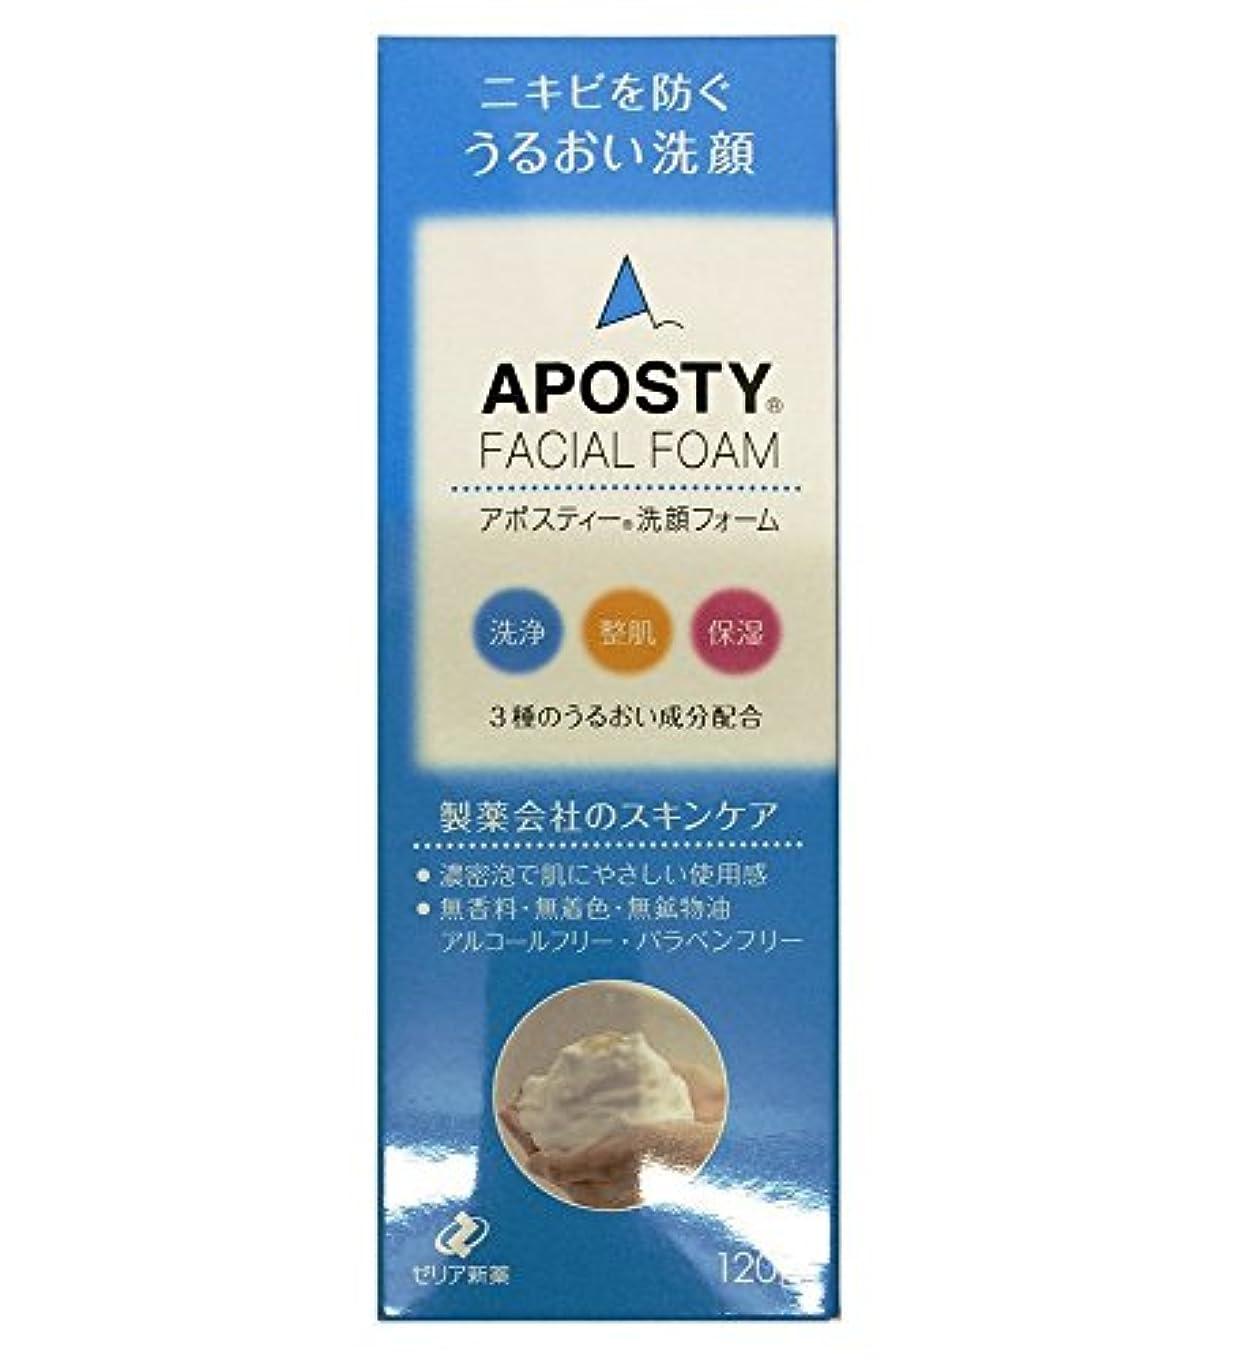 快適指紋促すゼリア新薬工業 アポスティー 洗顔フォーム 120g